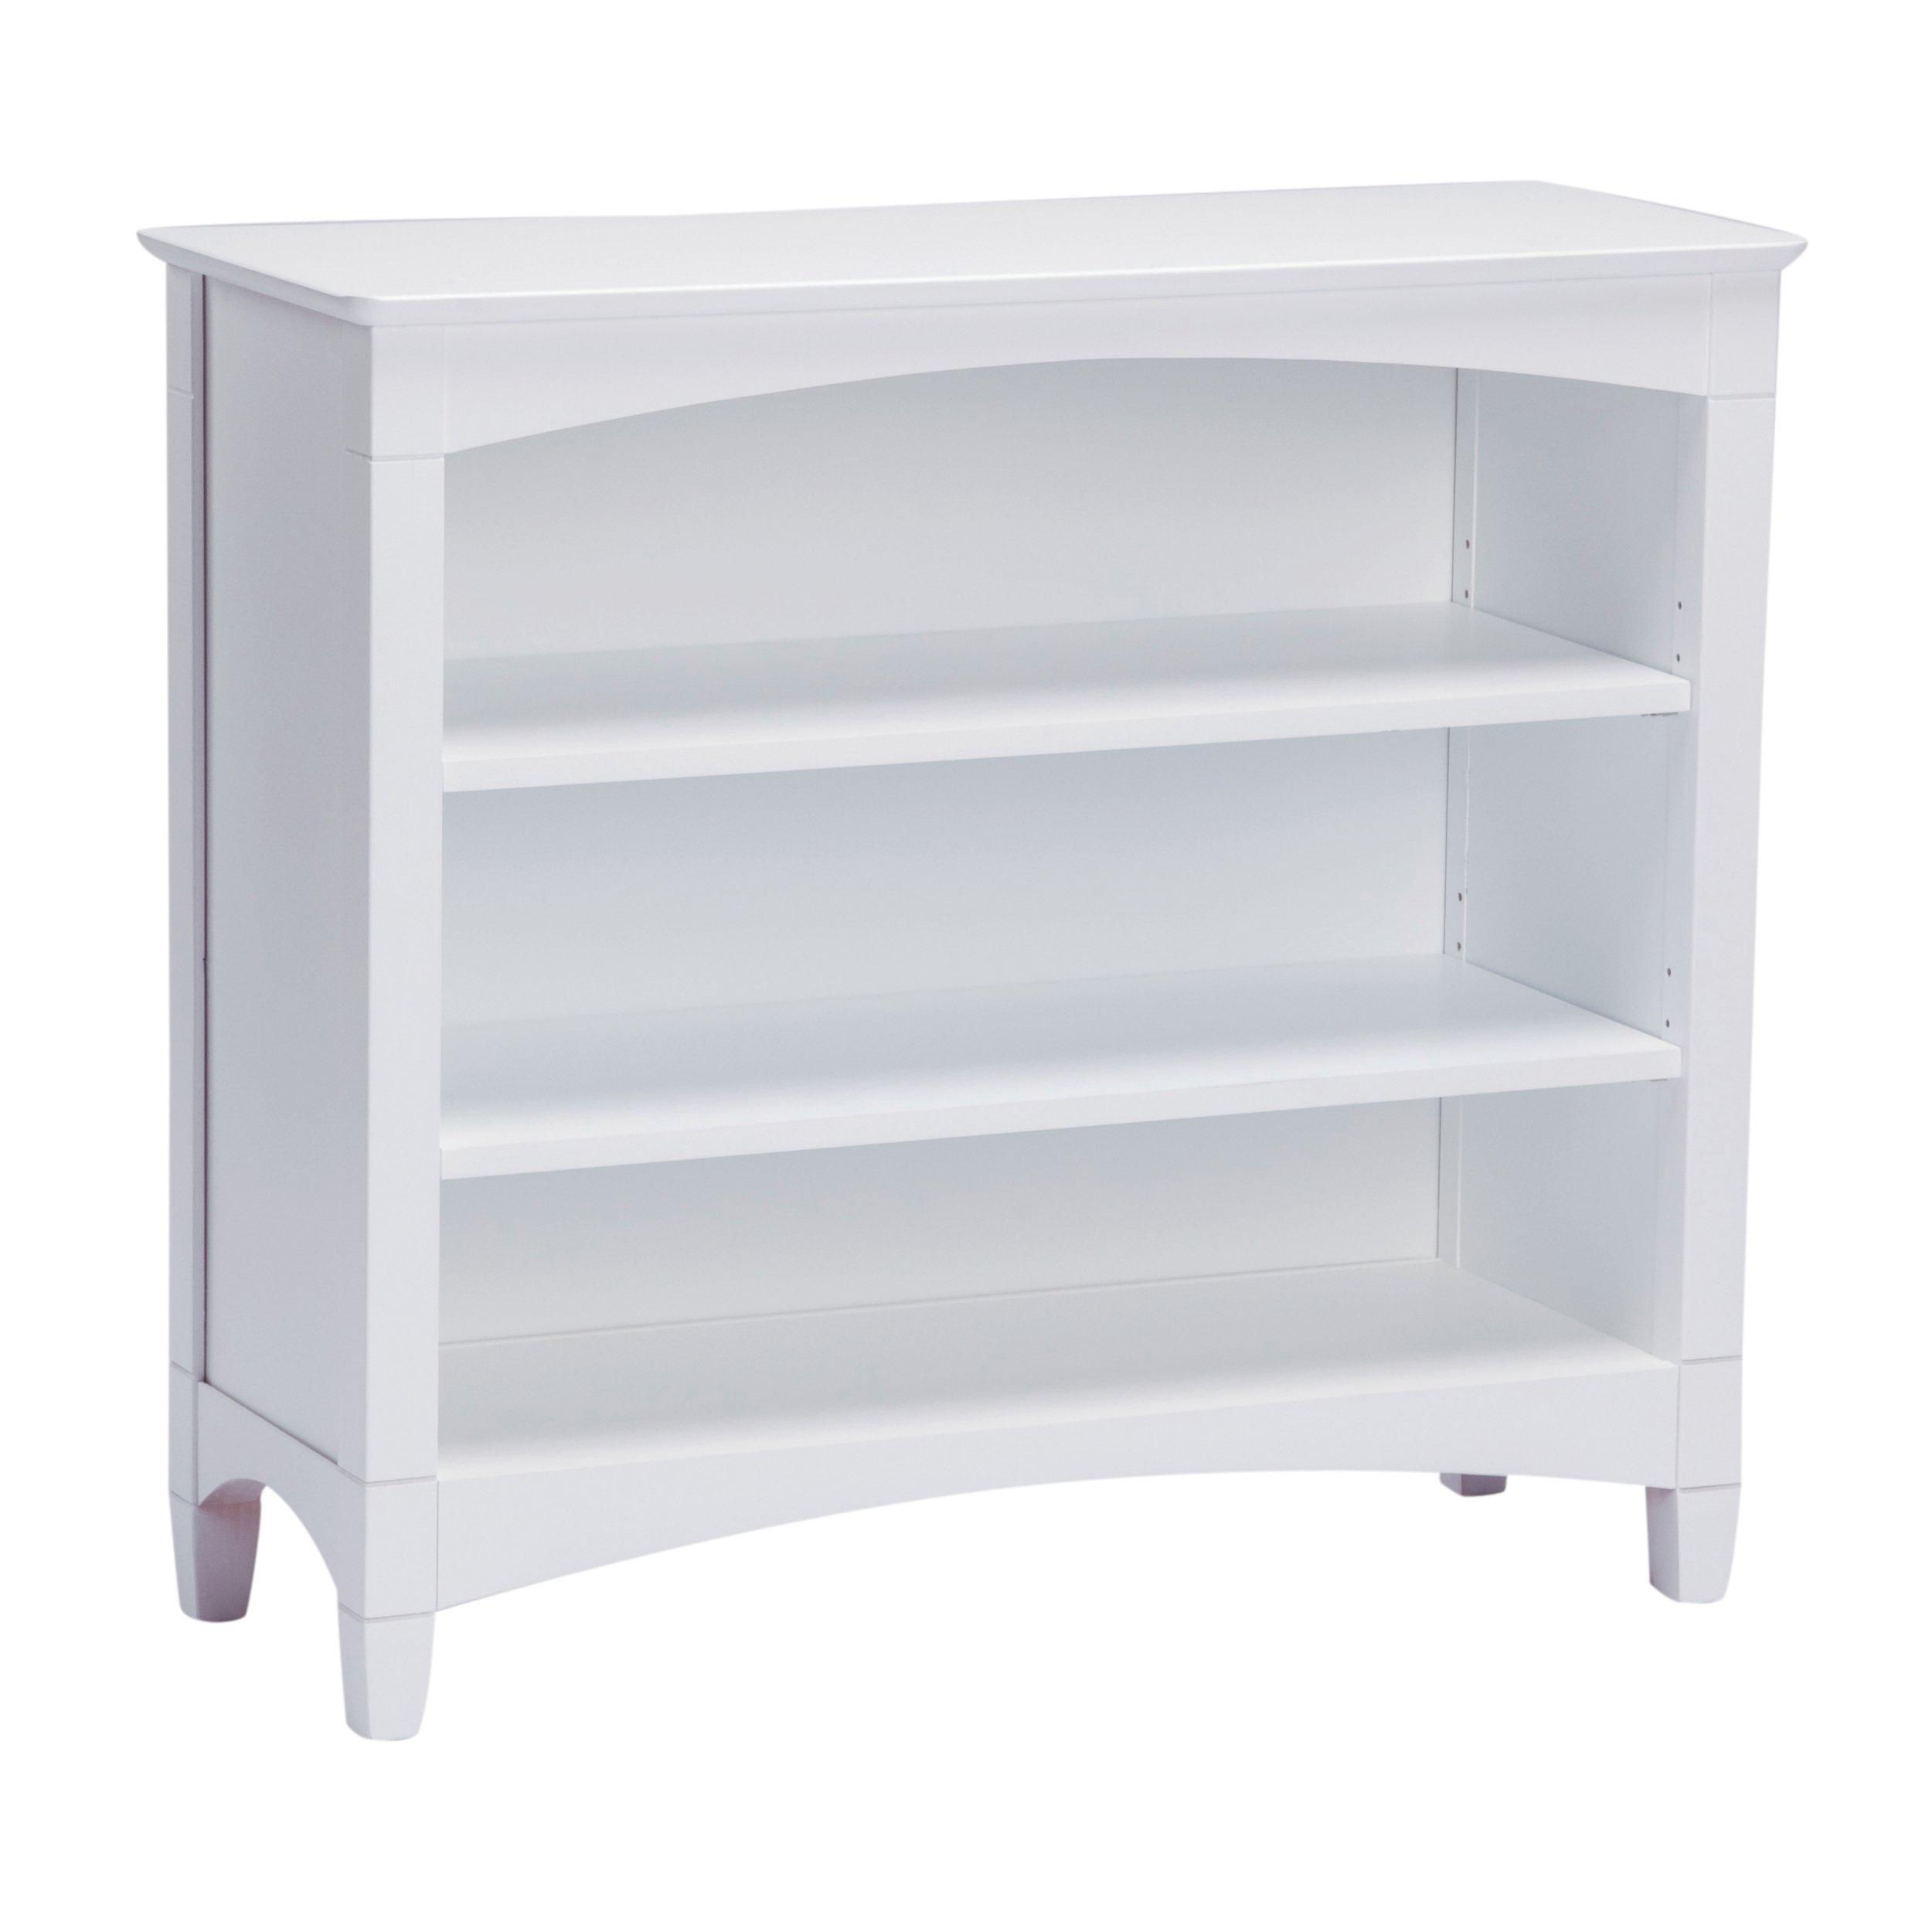 Bolton Furniture Essex Low Bookcase, White